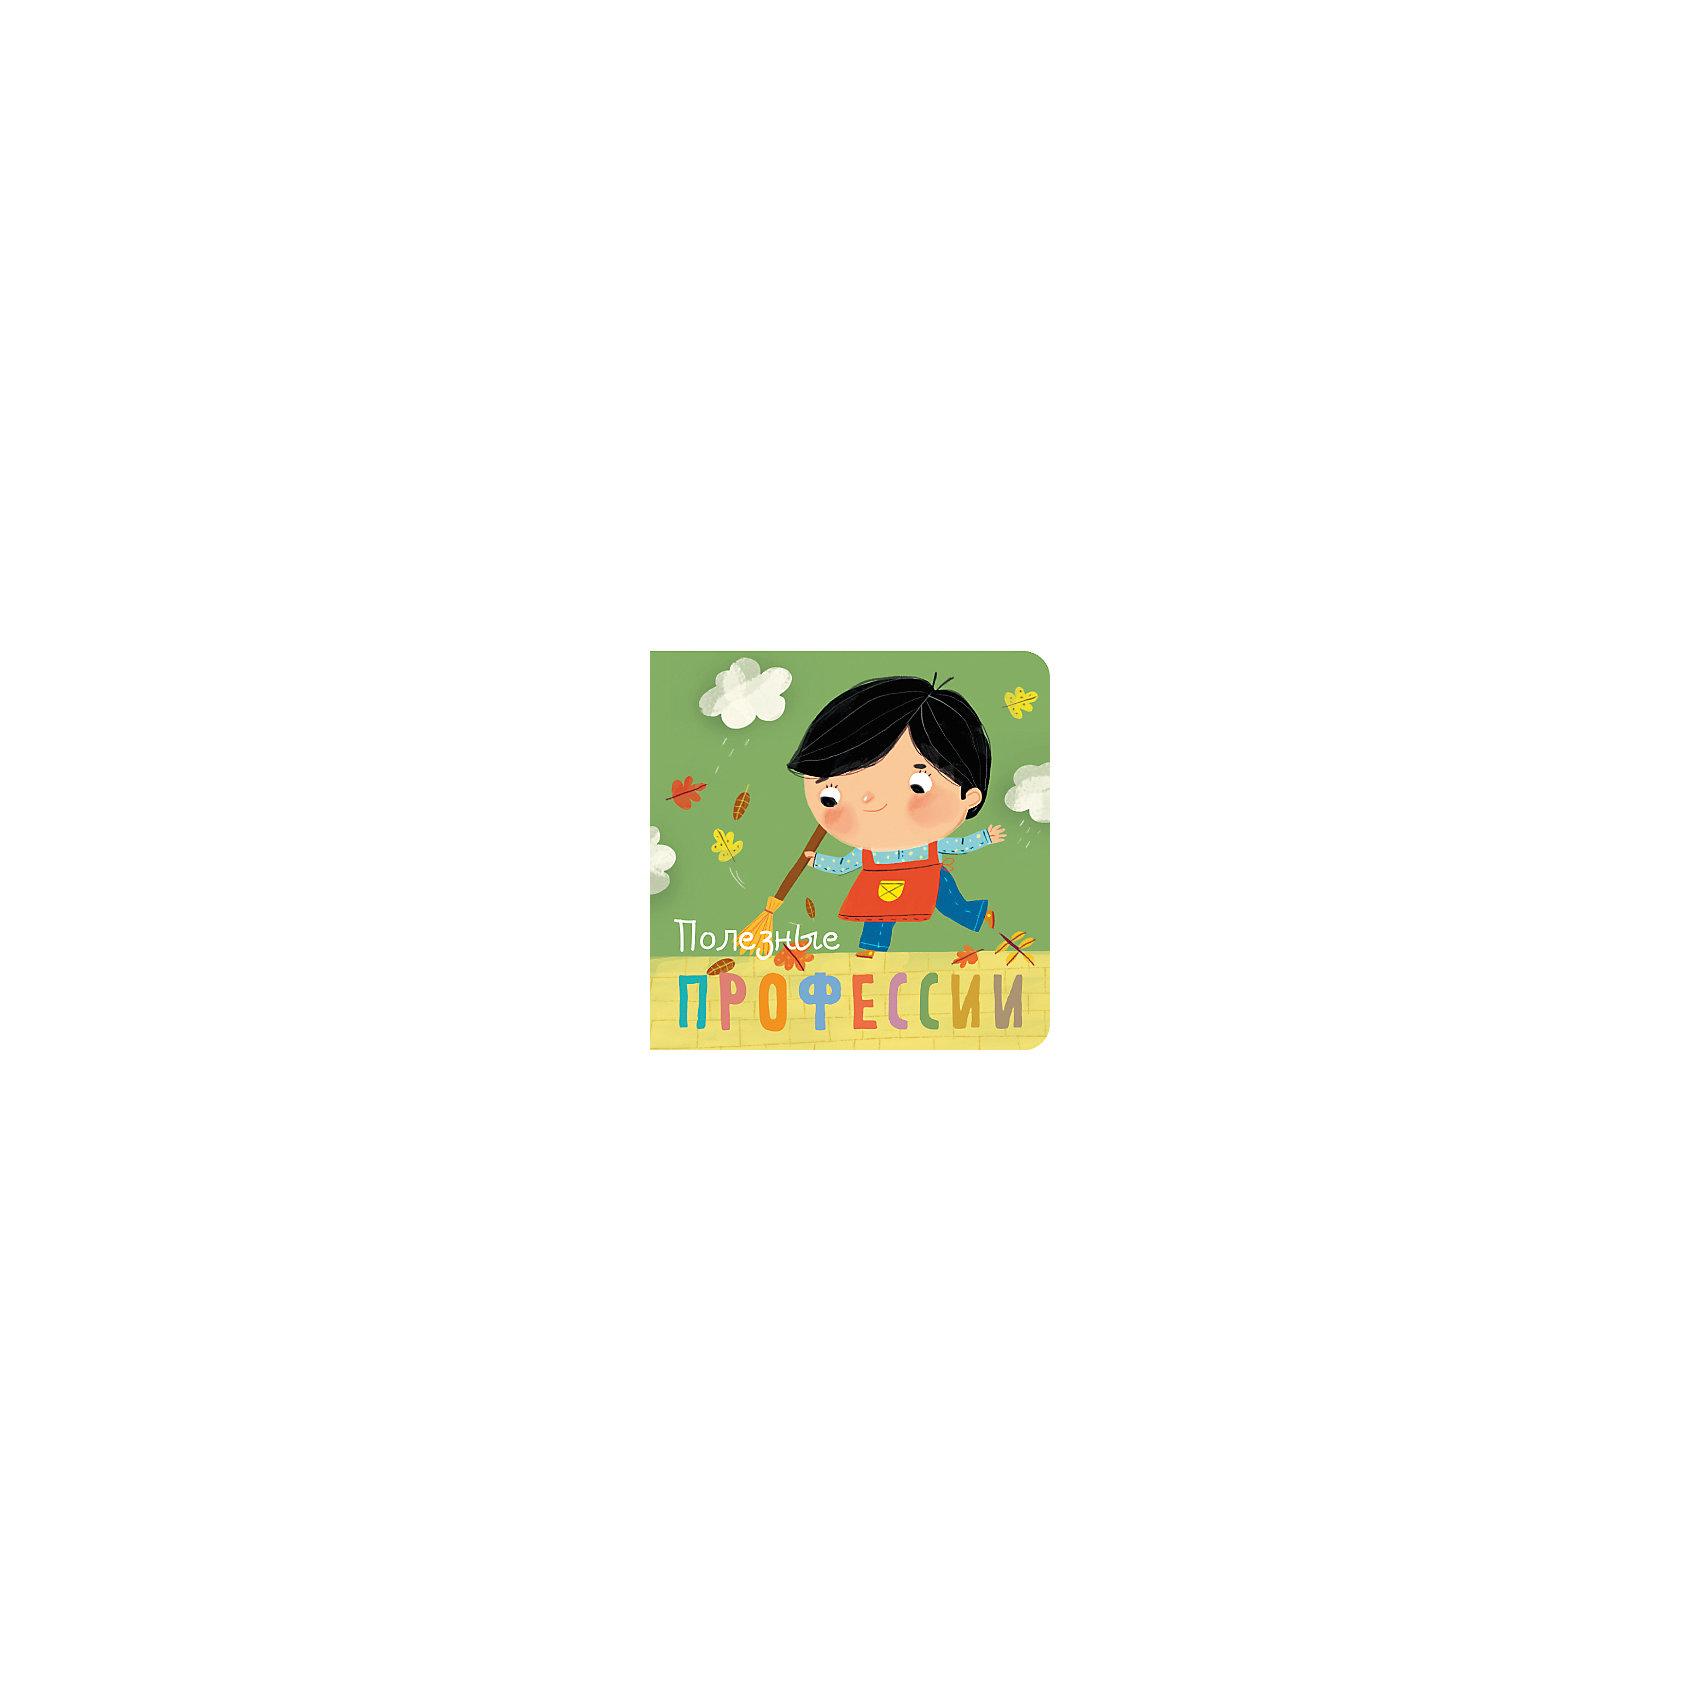 Книжка Профессии. Полезные профессииЯркая миниатюрная книжка познакомит малыша десятью полезными профессиями. Он встретит на страницах  строителя, повара, фермера и других. Забавные иллюстрации и веселые двустишия обязательно понравятся ребенку и помогут легко усвоить новые знания. Книжка, созданная специально для детских ручек, изготовлена из плотного картона и будет долго радовать маленького читателя.<br><br>Ширина мм: 170<br>Глубина мм: 100<br>Высота мм: 100<br>Вес г: 103<br>Возраст от месяцев: 24<br>Возраст до месяцев: 60<br>Пол: Унисекс<br>Возраст: Детский<br>SKU: 5489596